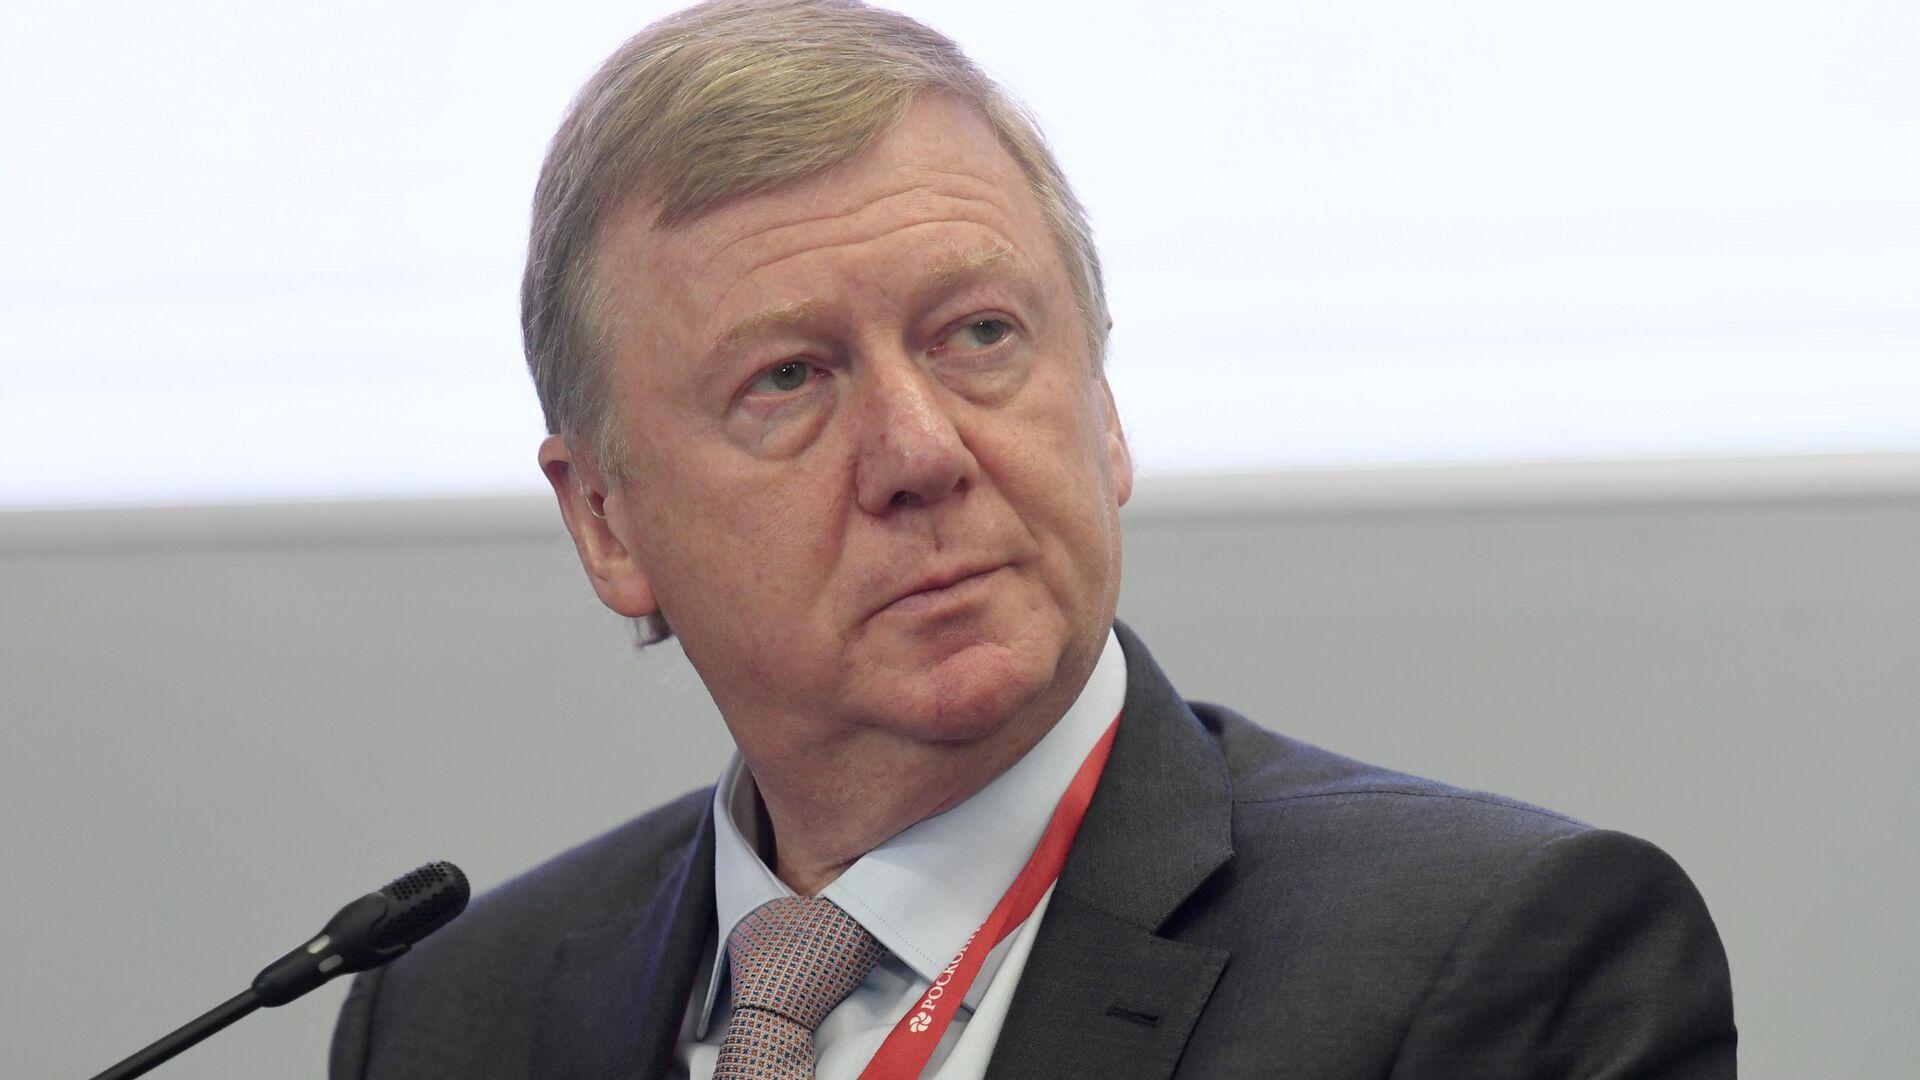 """Правительство утвердило отставку Чубайса с поста главы """"Роснано"""""""